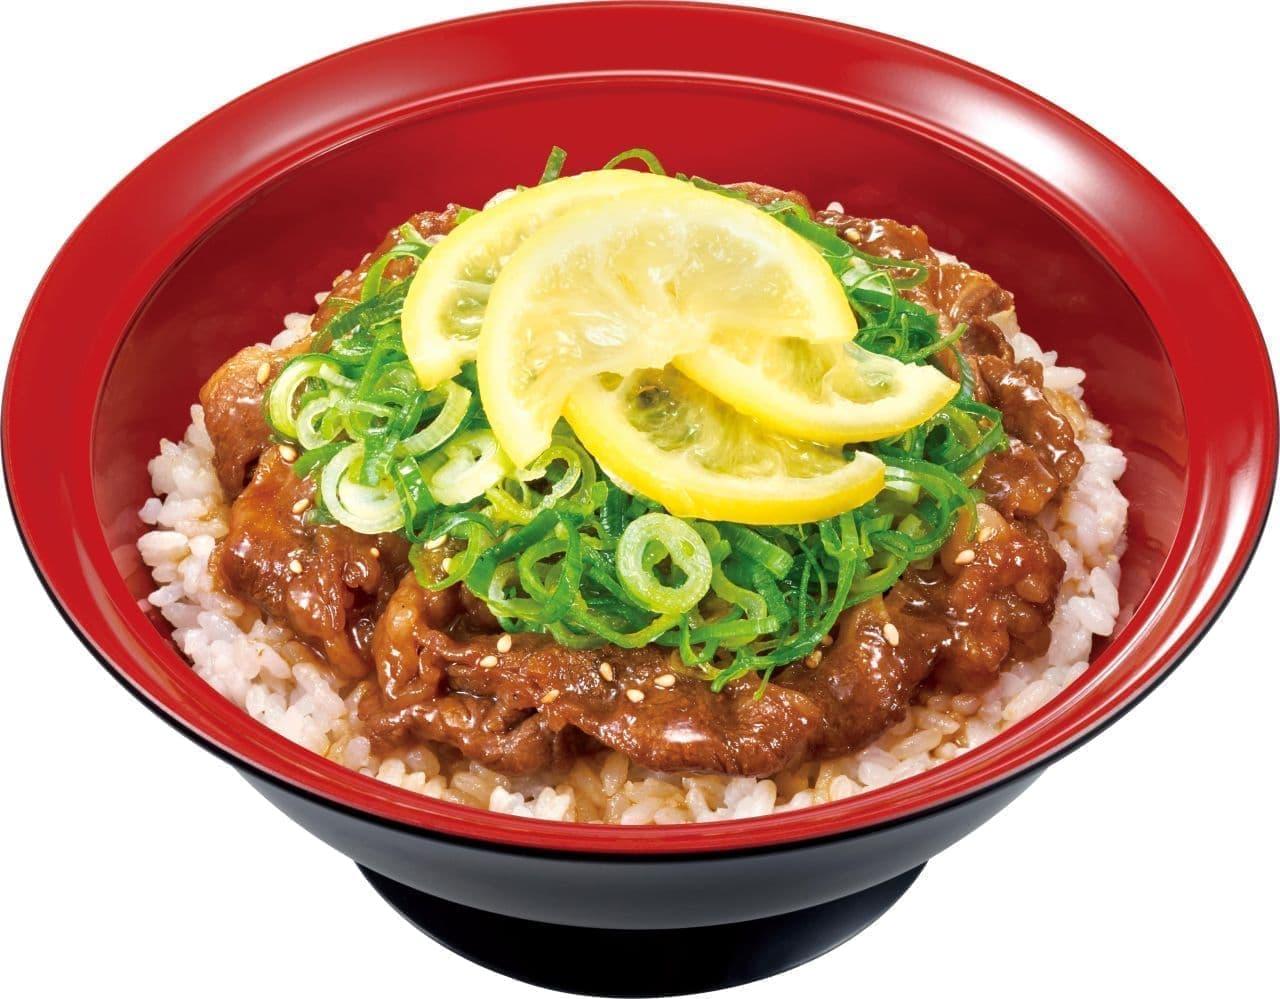 すき家「牛カルビ丼ねぎ塩レモン」